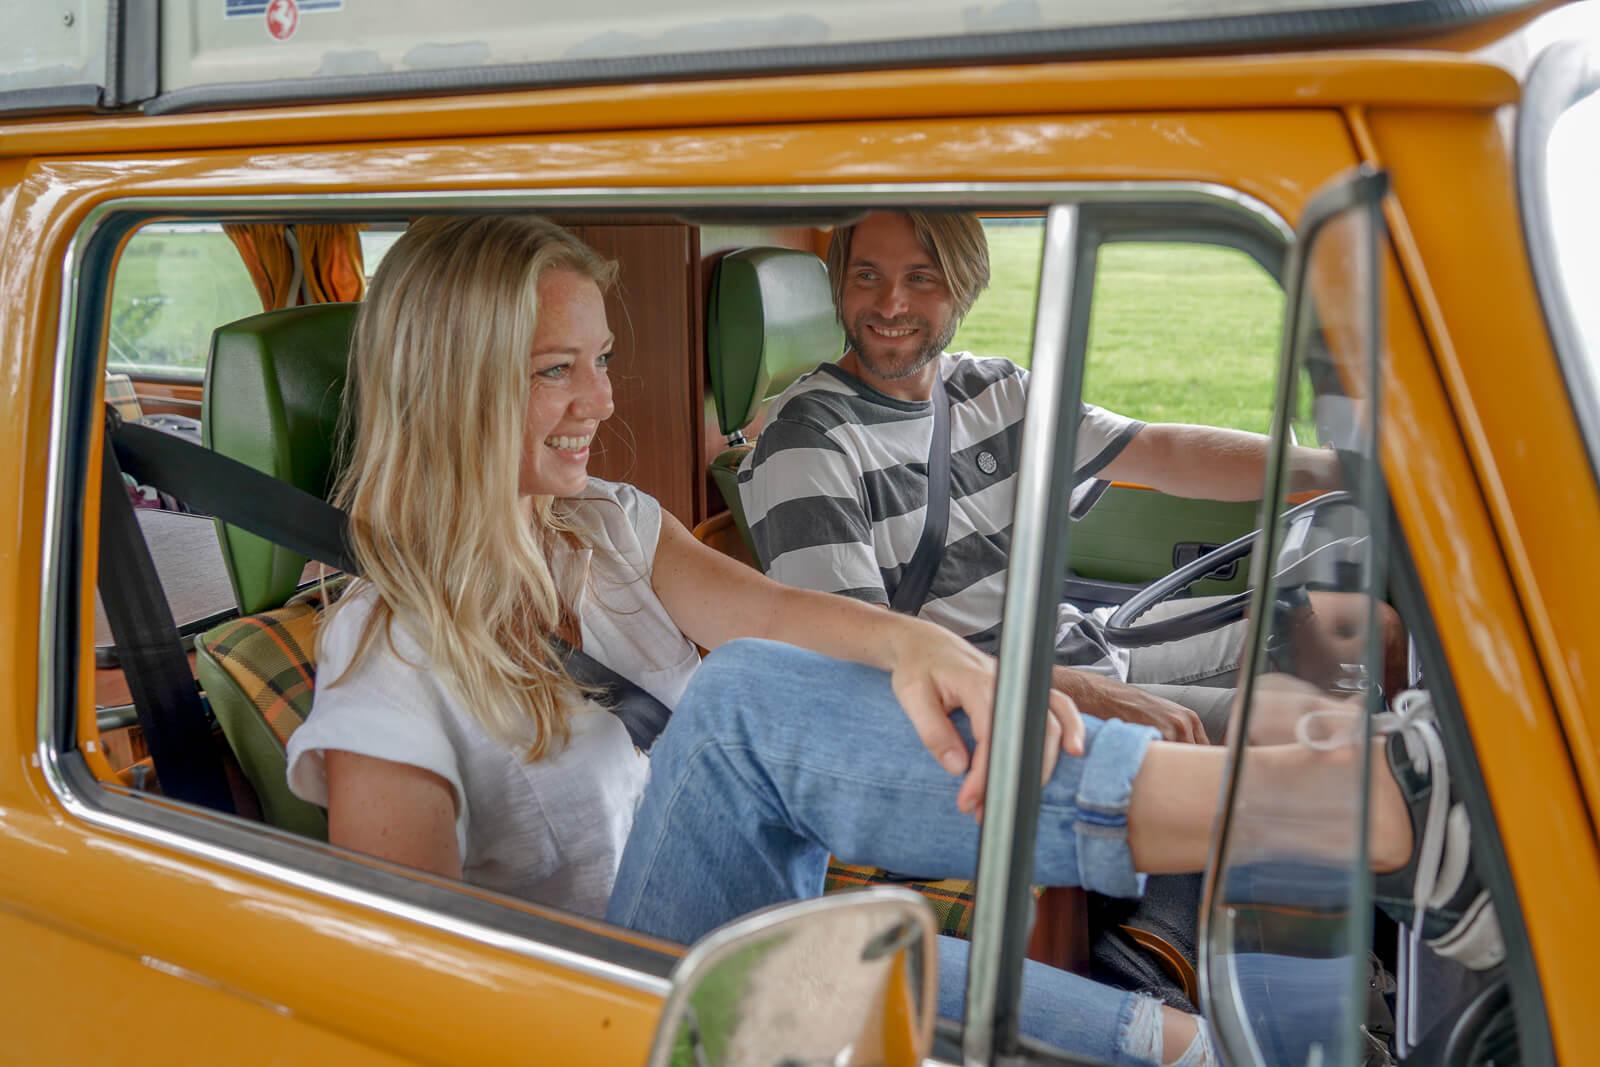 Huur een klassieke Volkswagen camperbus bij Goboony en ga op avontuur in eigen land